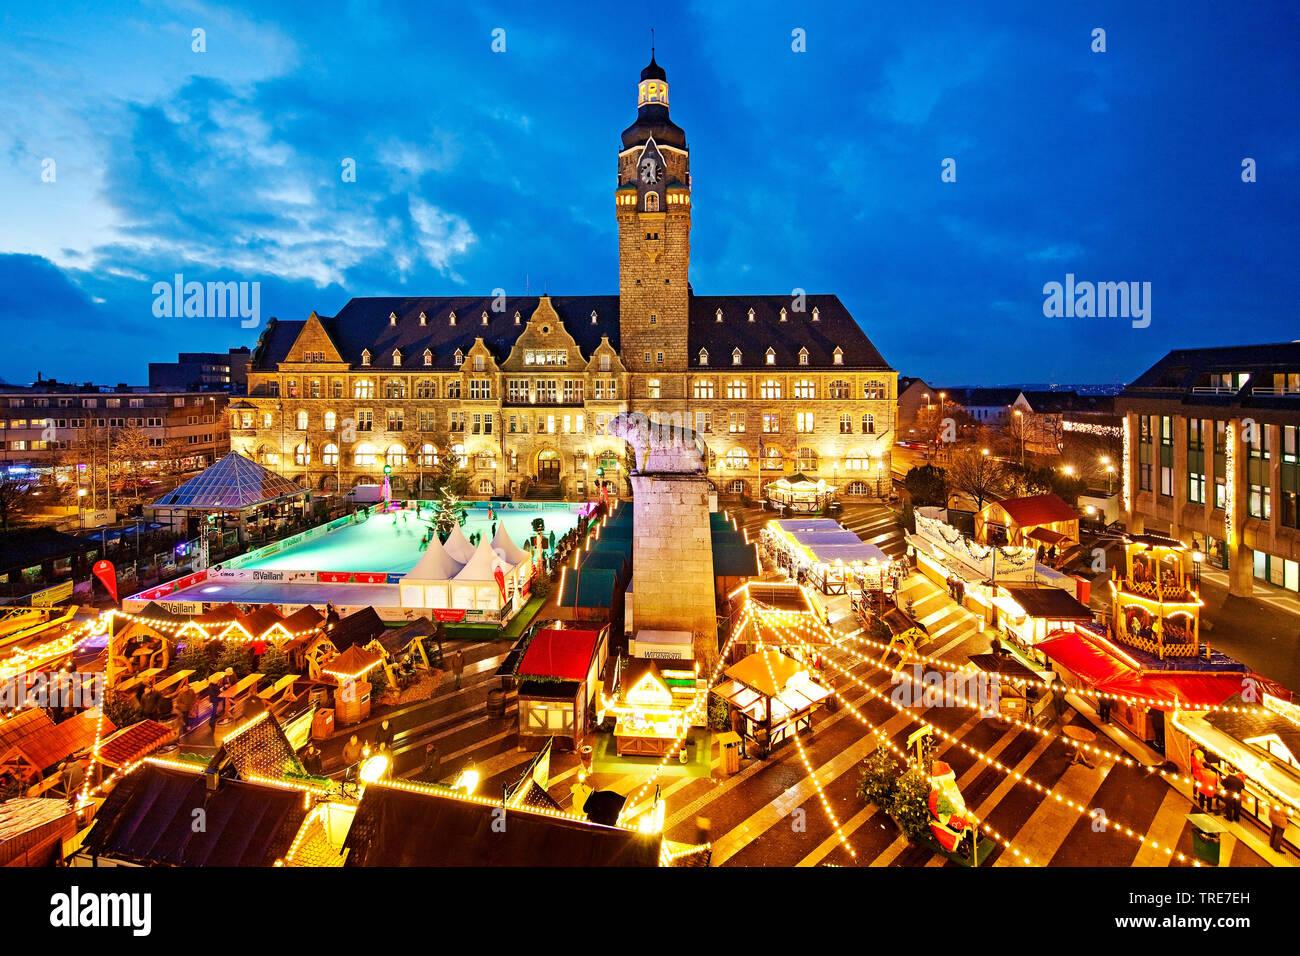 Weihnachtsmarkt und Eisbahn am Abend vor dem Rathaus, Deutschland, Nordrhein-Westfalen, Remscheid   Christmas market and ice rink in front of the city - Stock Image